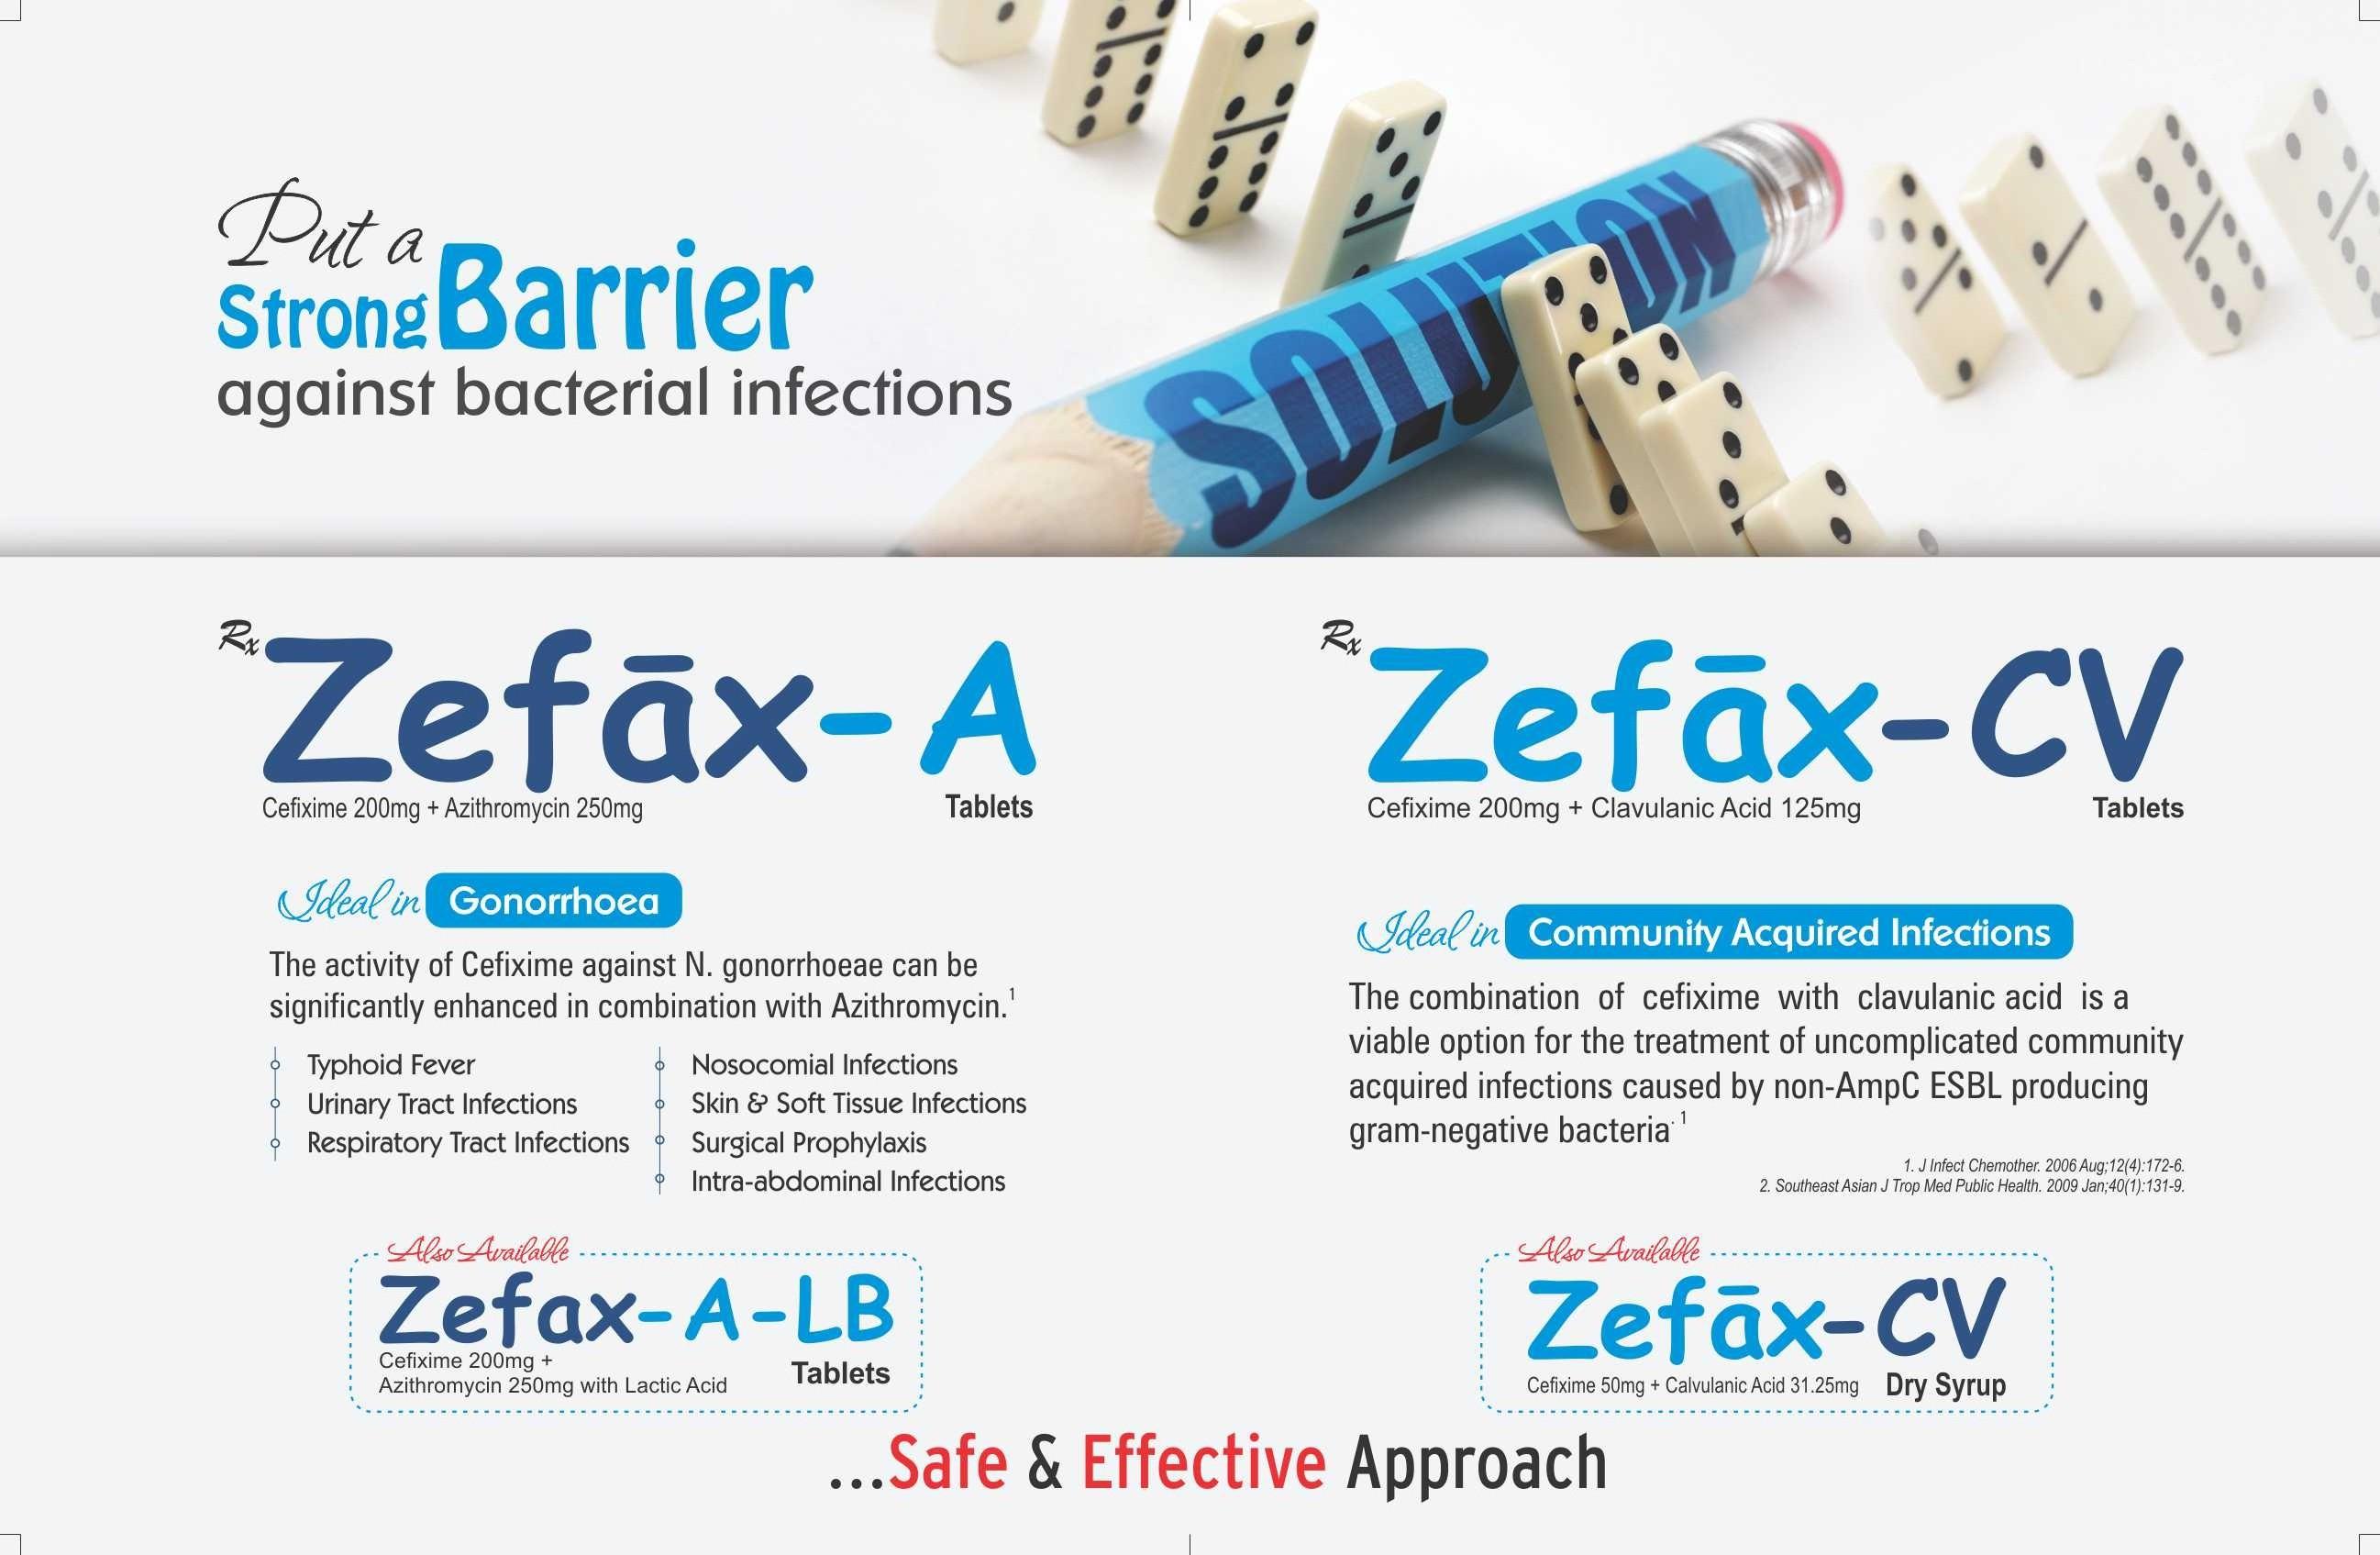 Zefax-A-CV